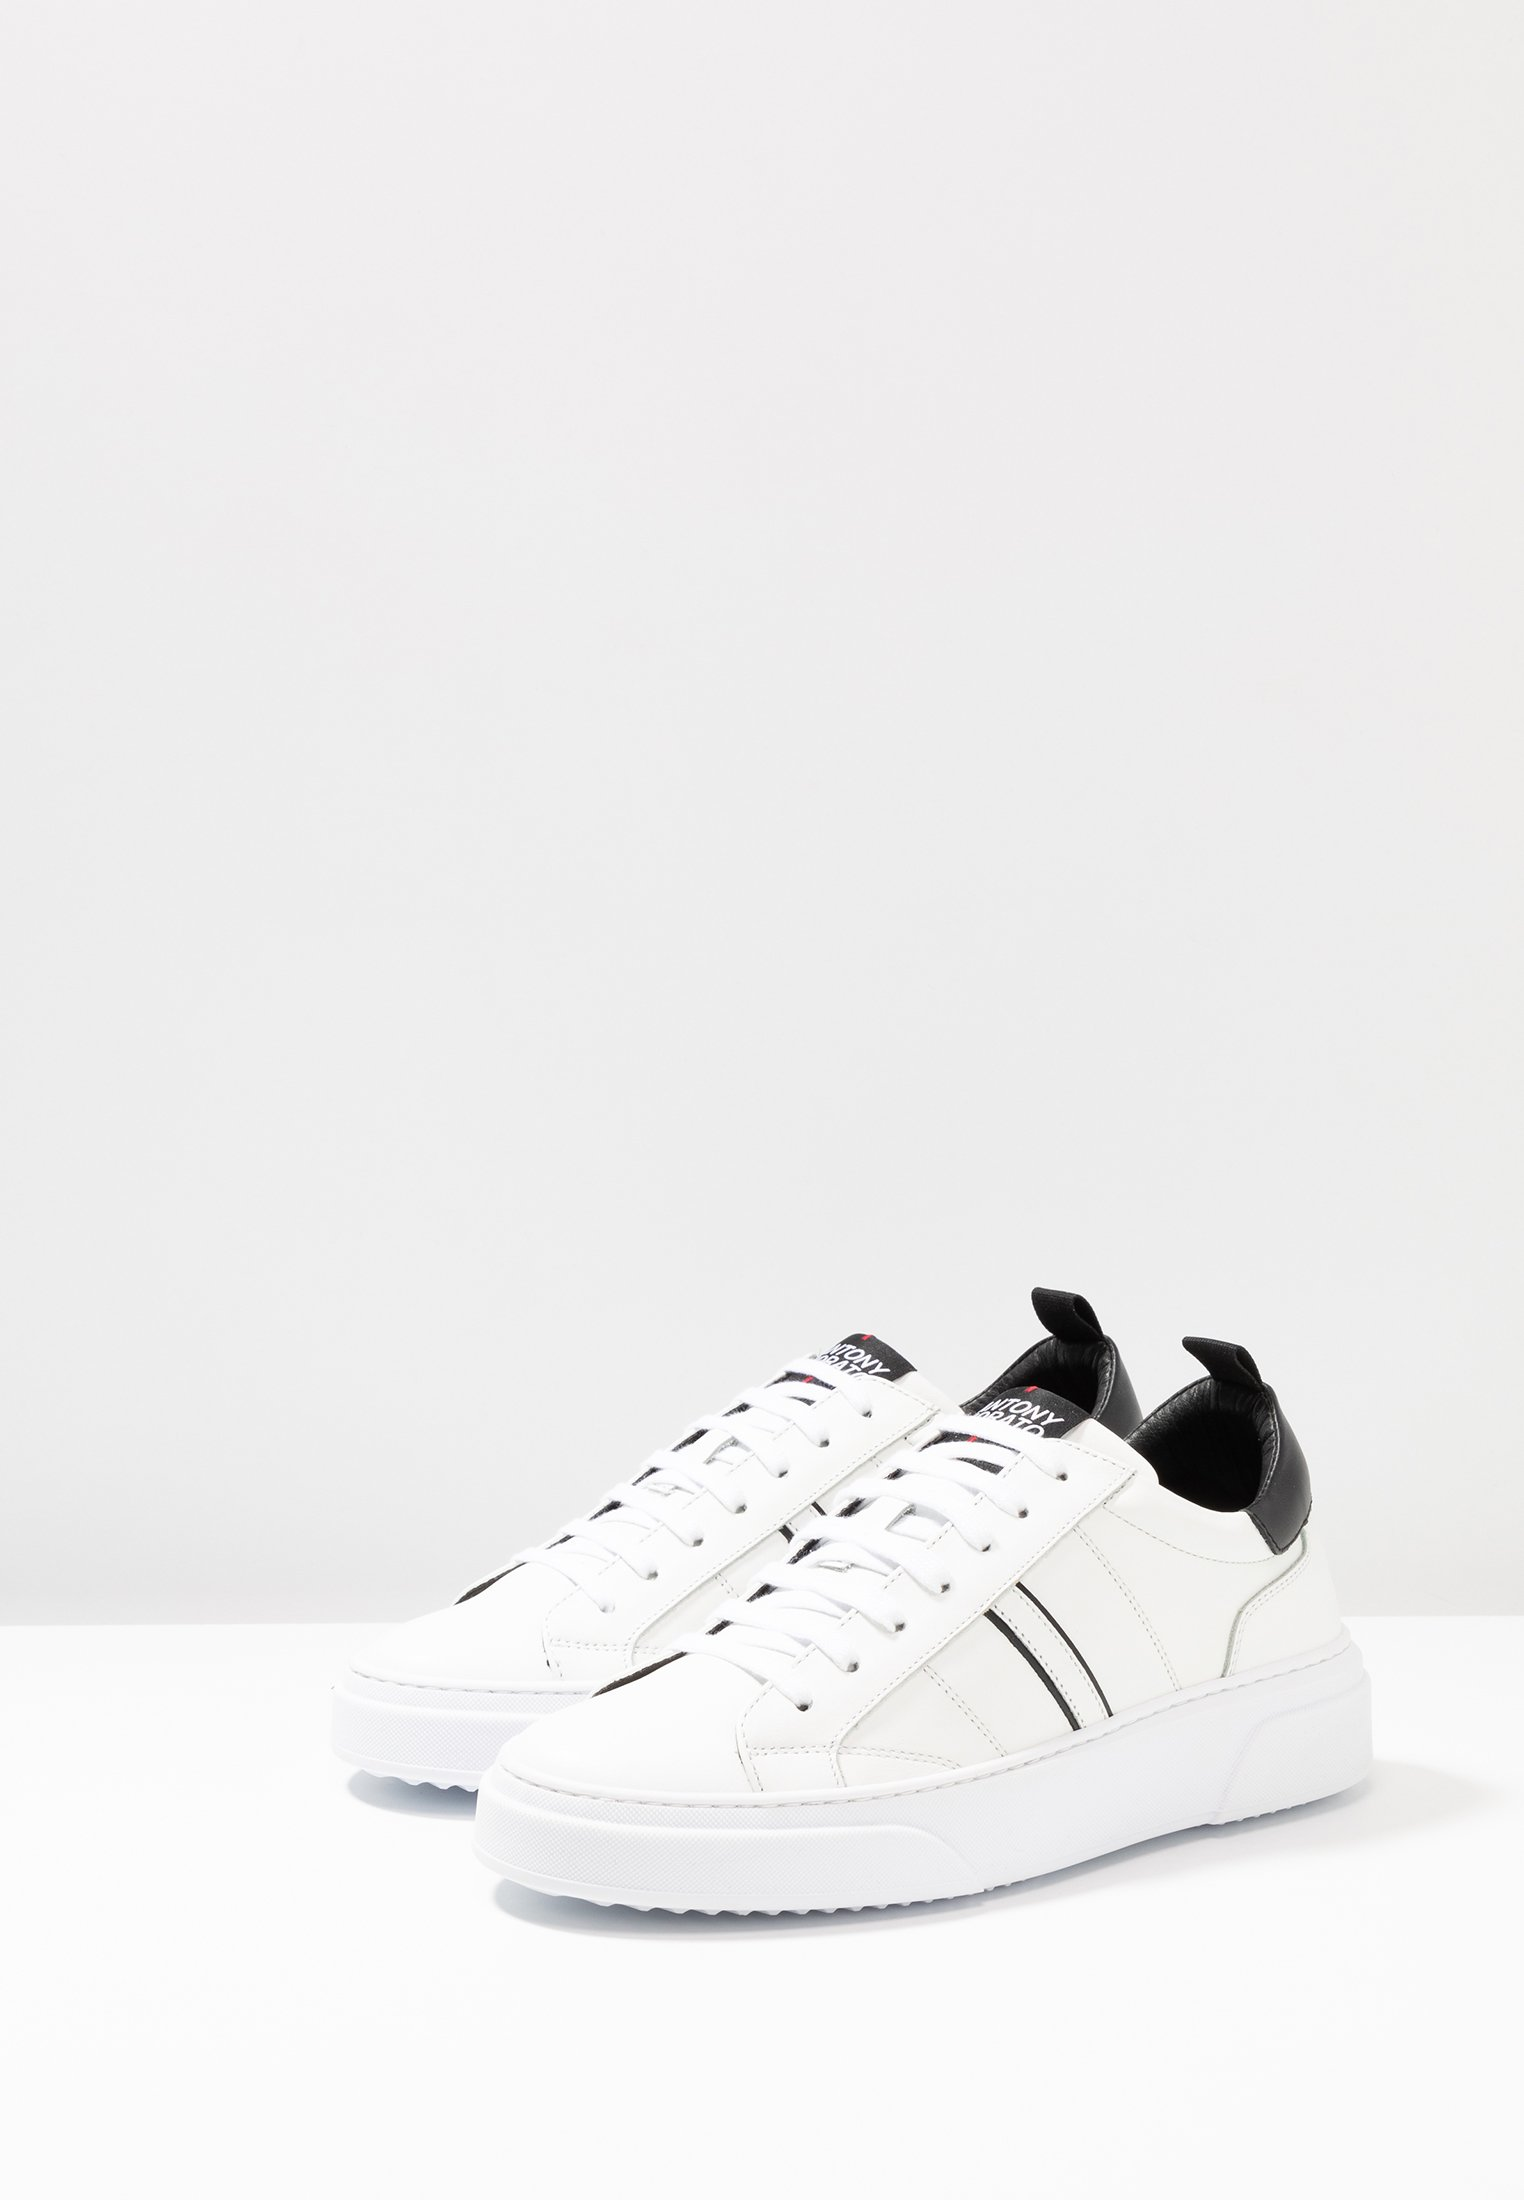 Basse Antony Bianco Morato Antony MinimalSneakers Morato JlKcFT13